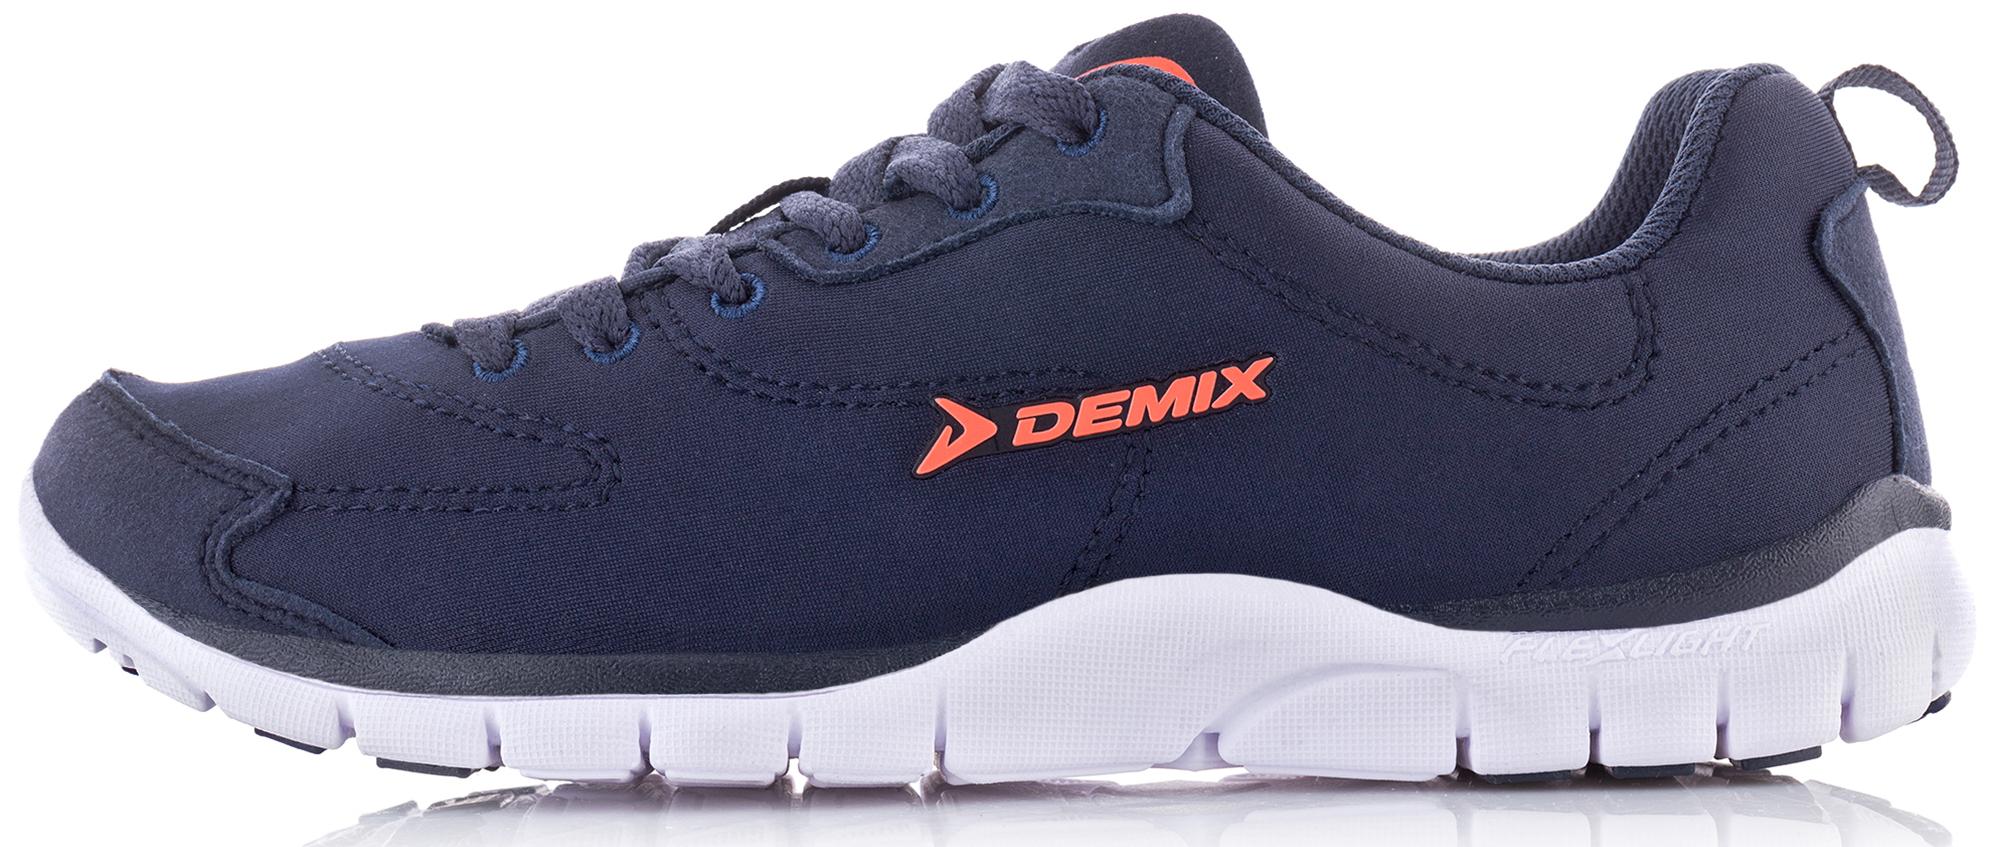 Demix Кроссовки женские Demix Flexlight найк белые кроссовки женские аир